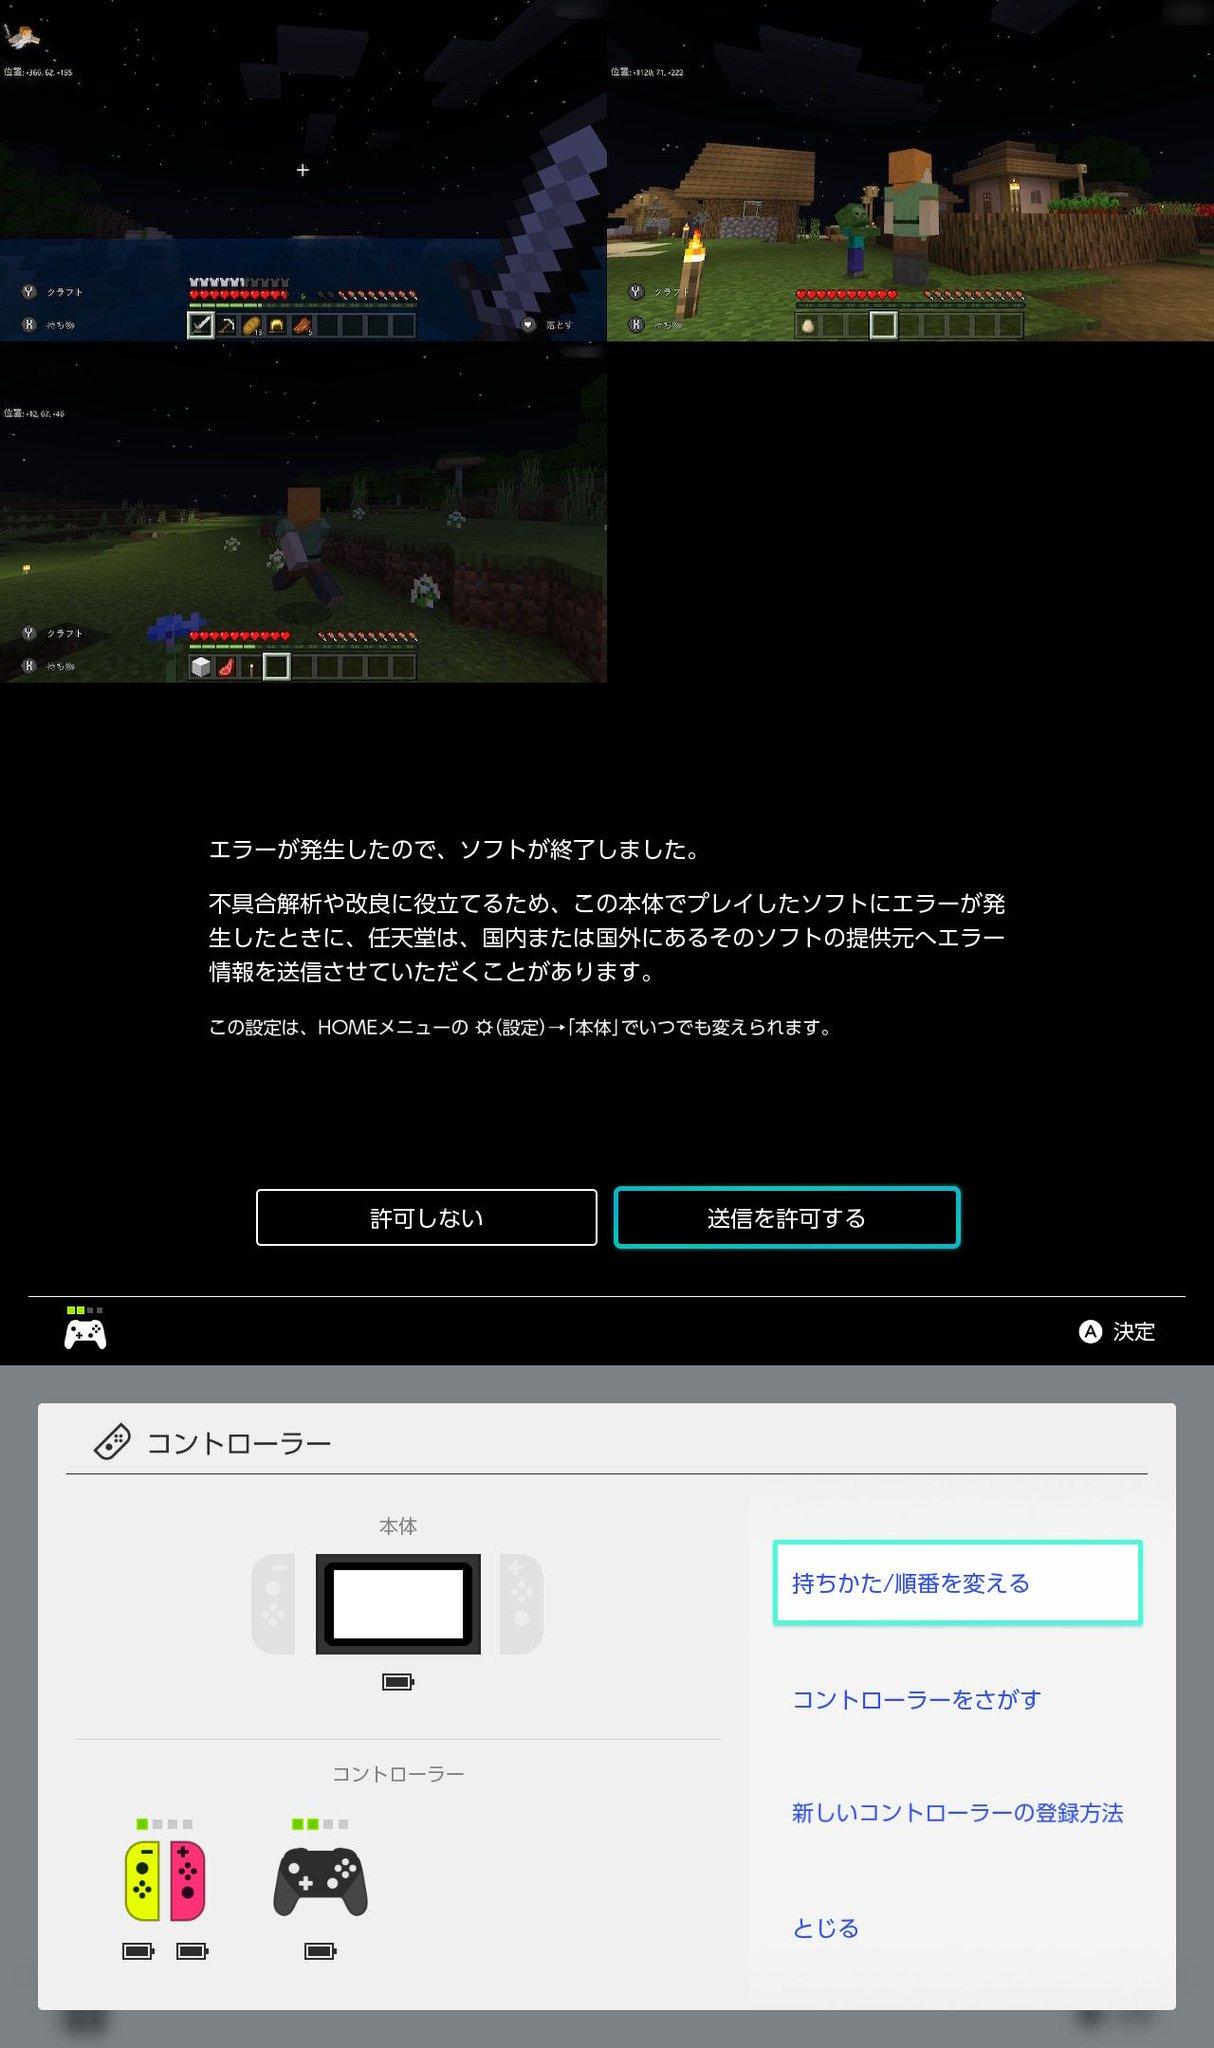 Toy-Con おすそわけプレイができない仕様なので(操作にいろんなボタンを使うので)、コントローラーを買って追加してみたり。3人プレイ。チビゾンビに何度も倒される(;・∀・) クラッシュも発生(;・∀・)  #Minecraft #マイクラ #マインクラフト #NintendoSwitch https://t.co/0Xem5uKaOE